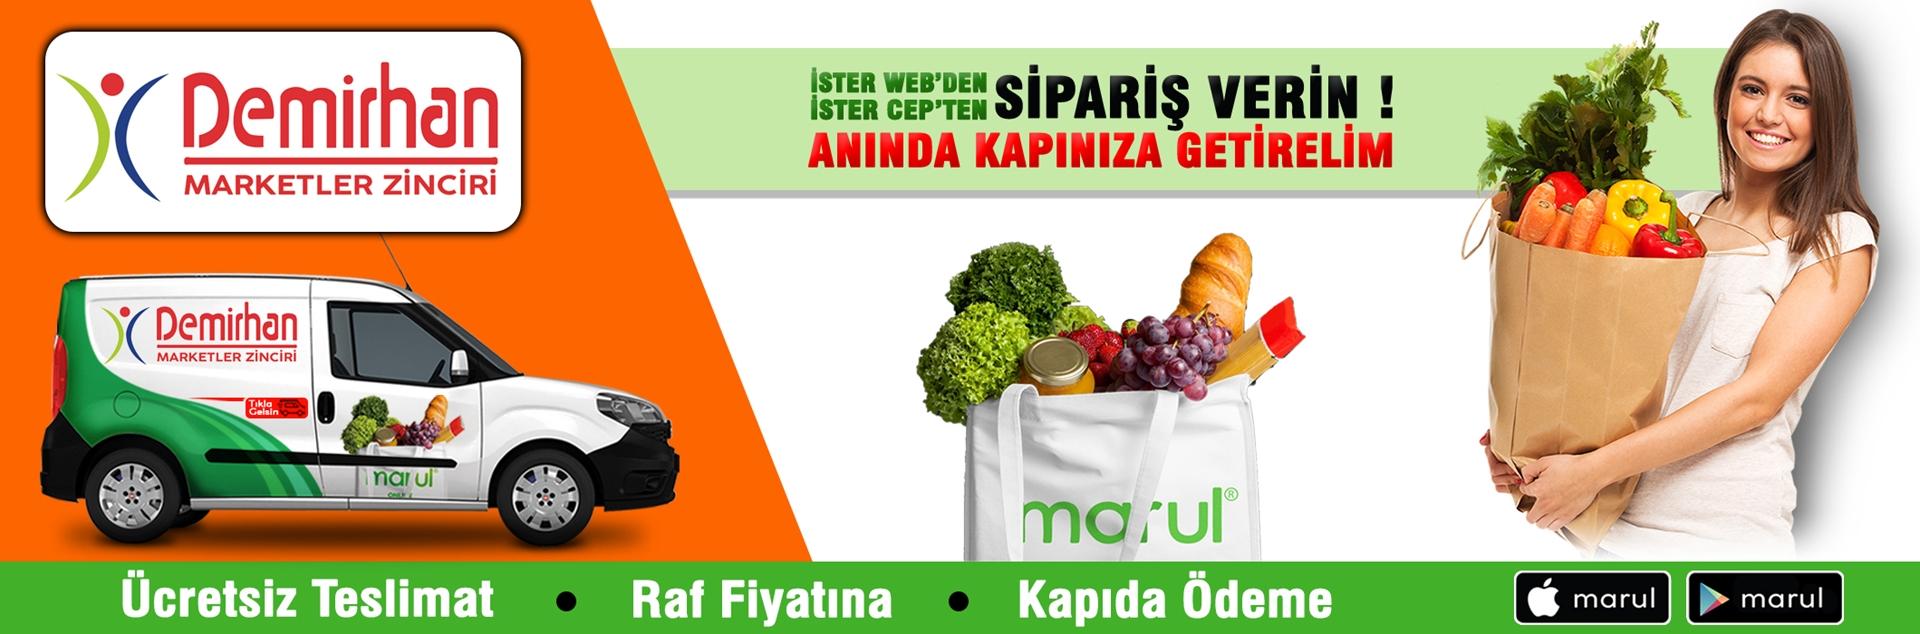 demirhan market online market siparişi maltepe